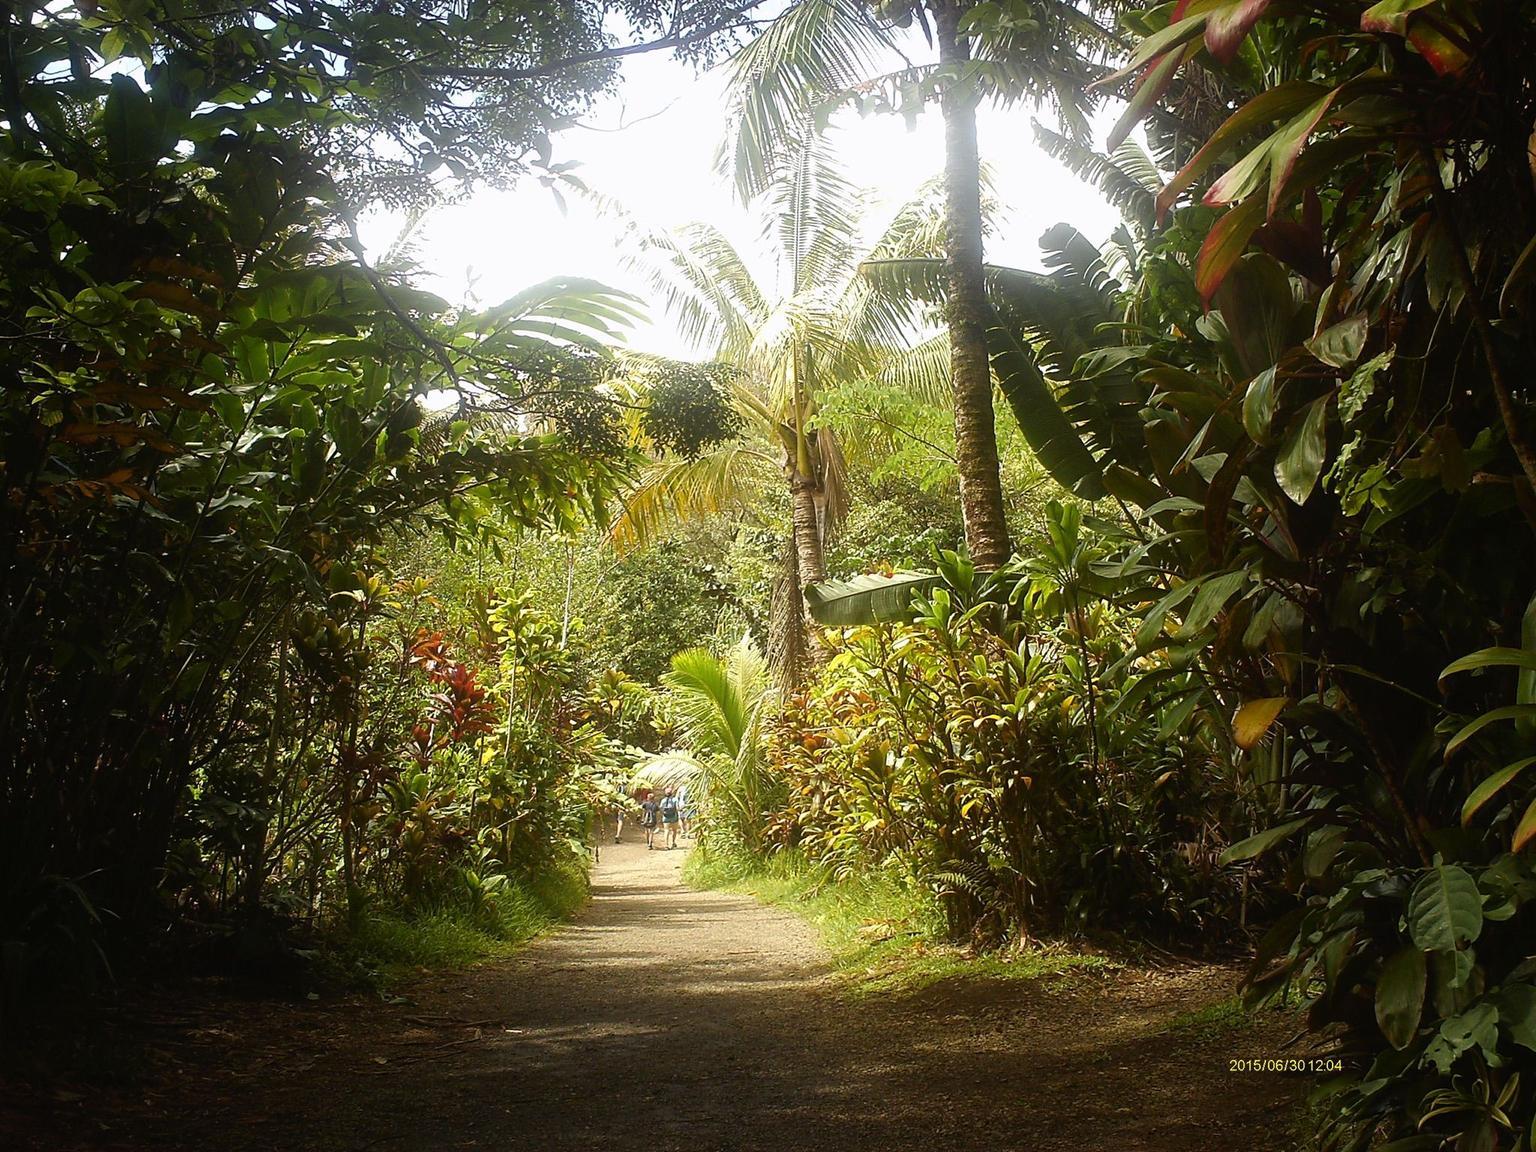 MÁS FOTOS, Al Este de las cascadas Maui y caminata por la selva.